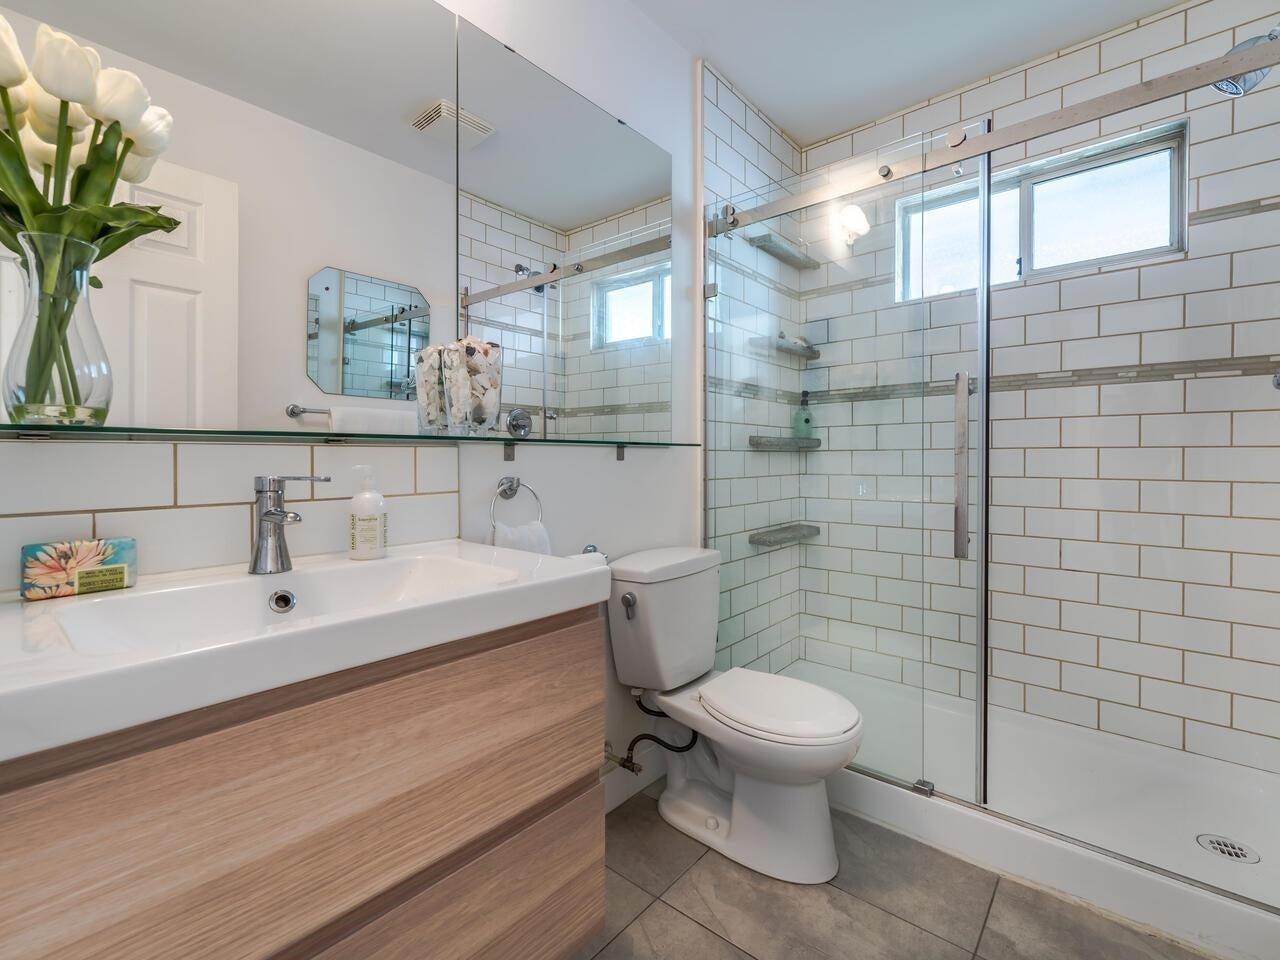 1231 E 11TH AVENUE - Mount Pleasant VE 1/2 Duplex for sale, 3 Bedrooms (R2625828) - #27